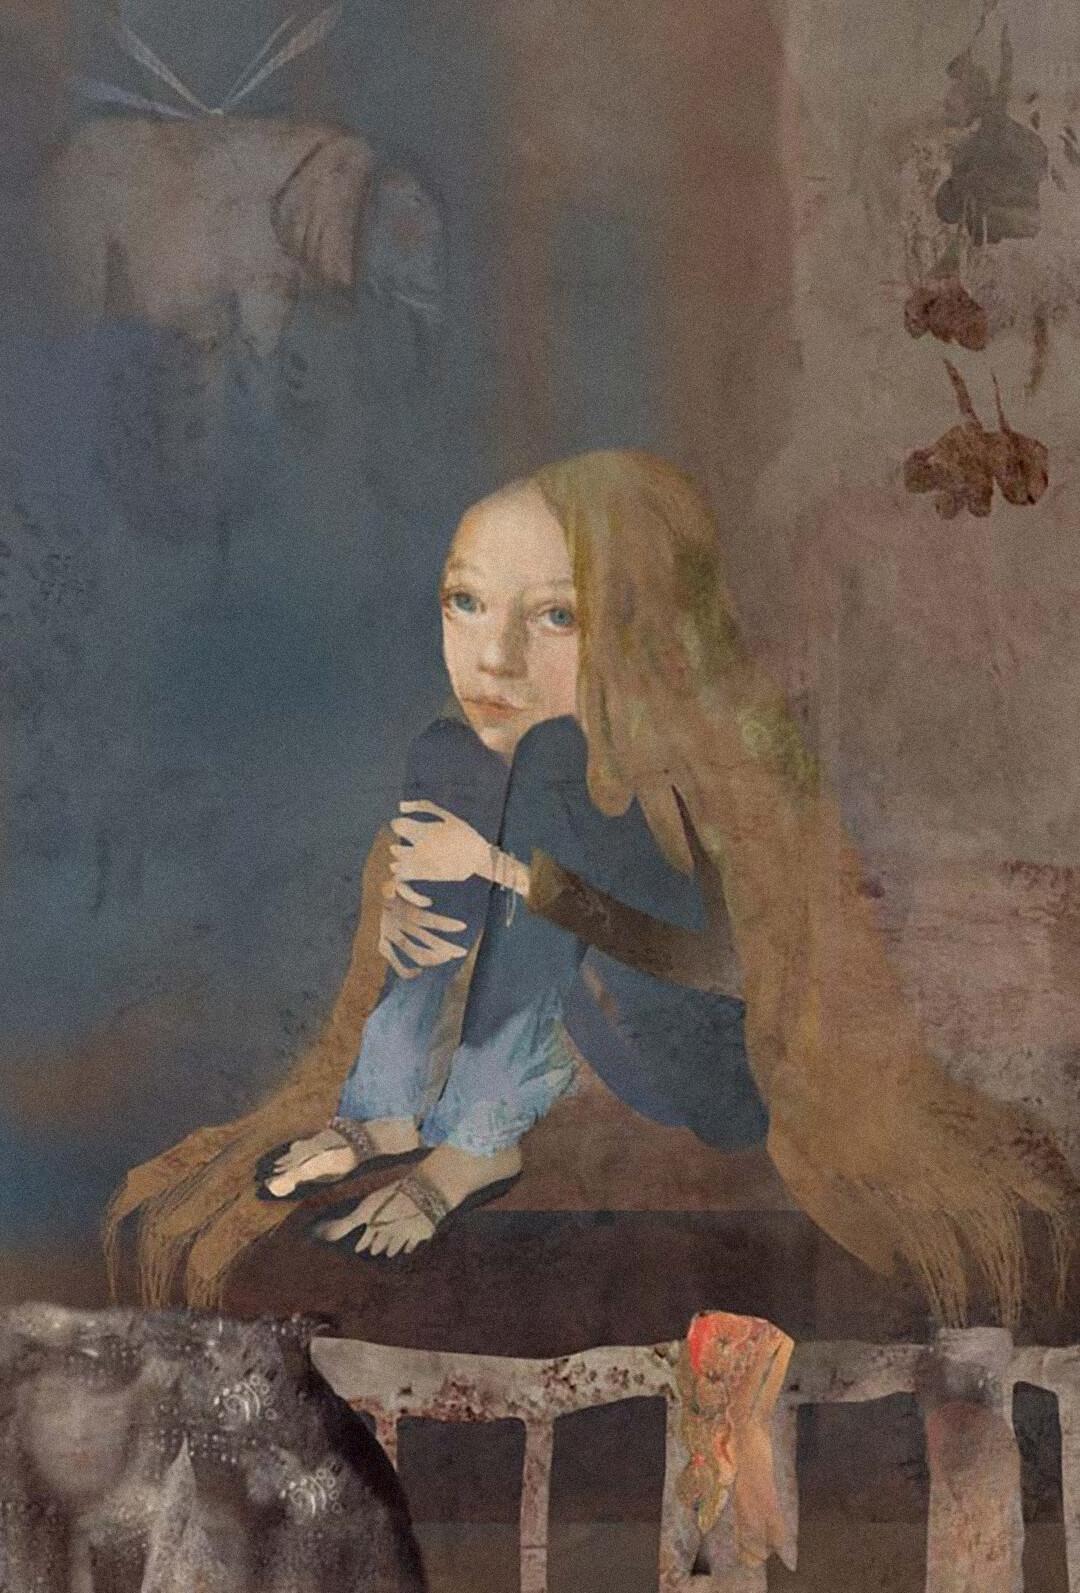 Иллюстрация Наиры Мурадян собложки книги Мариам Петросян «Дом, вкотором… Том 3. Пустые гнезда»